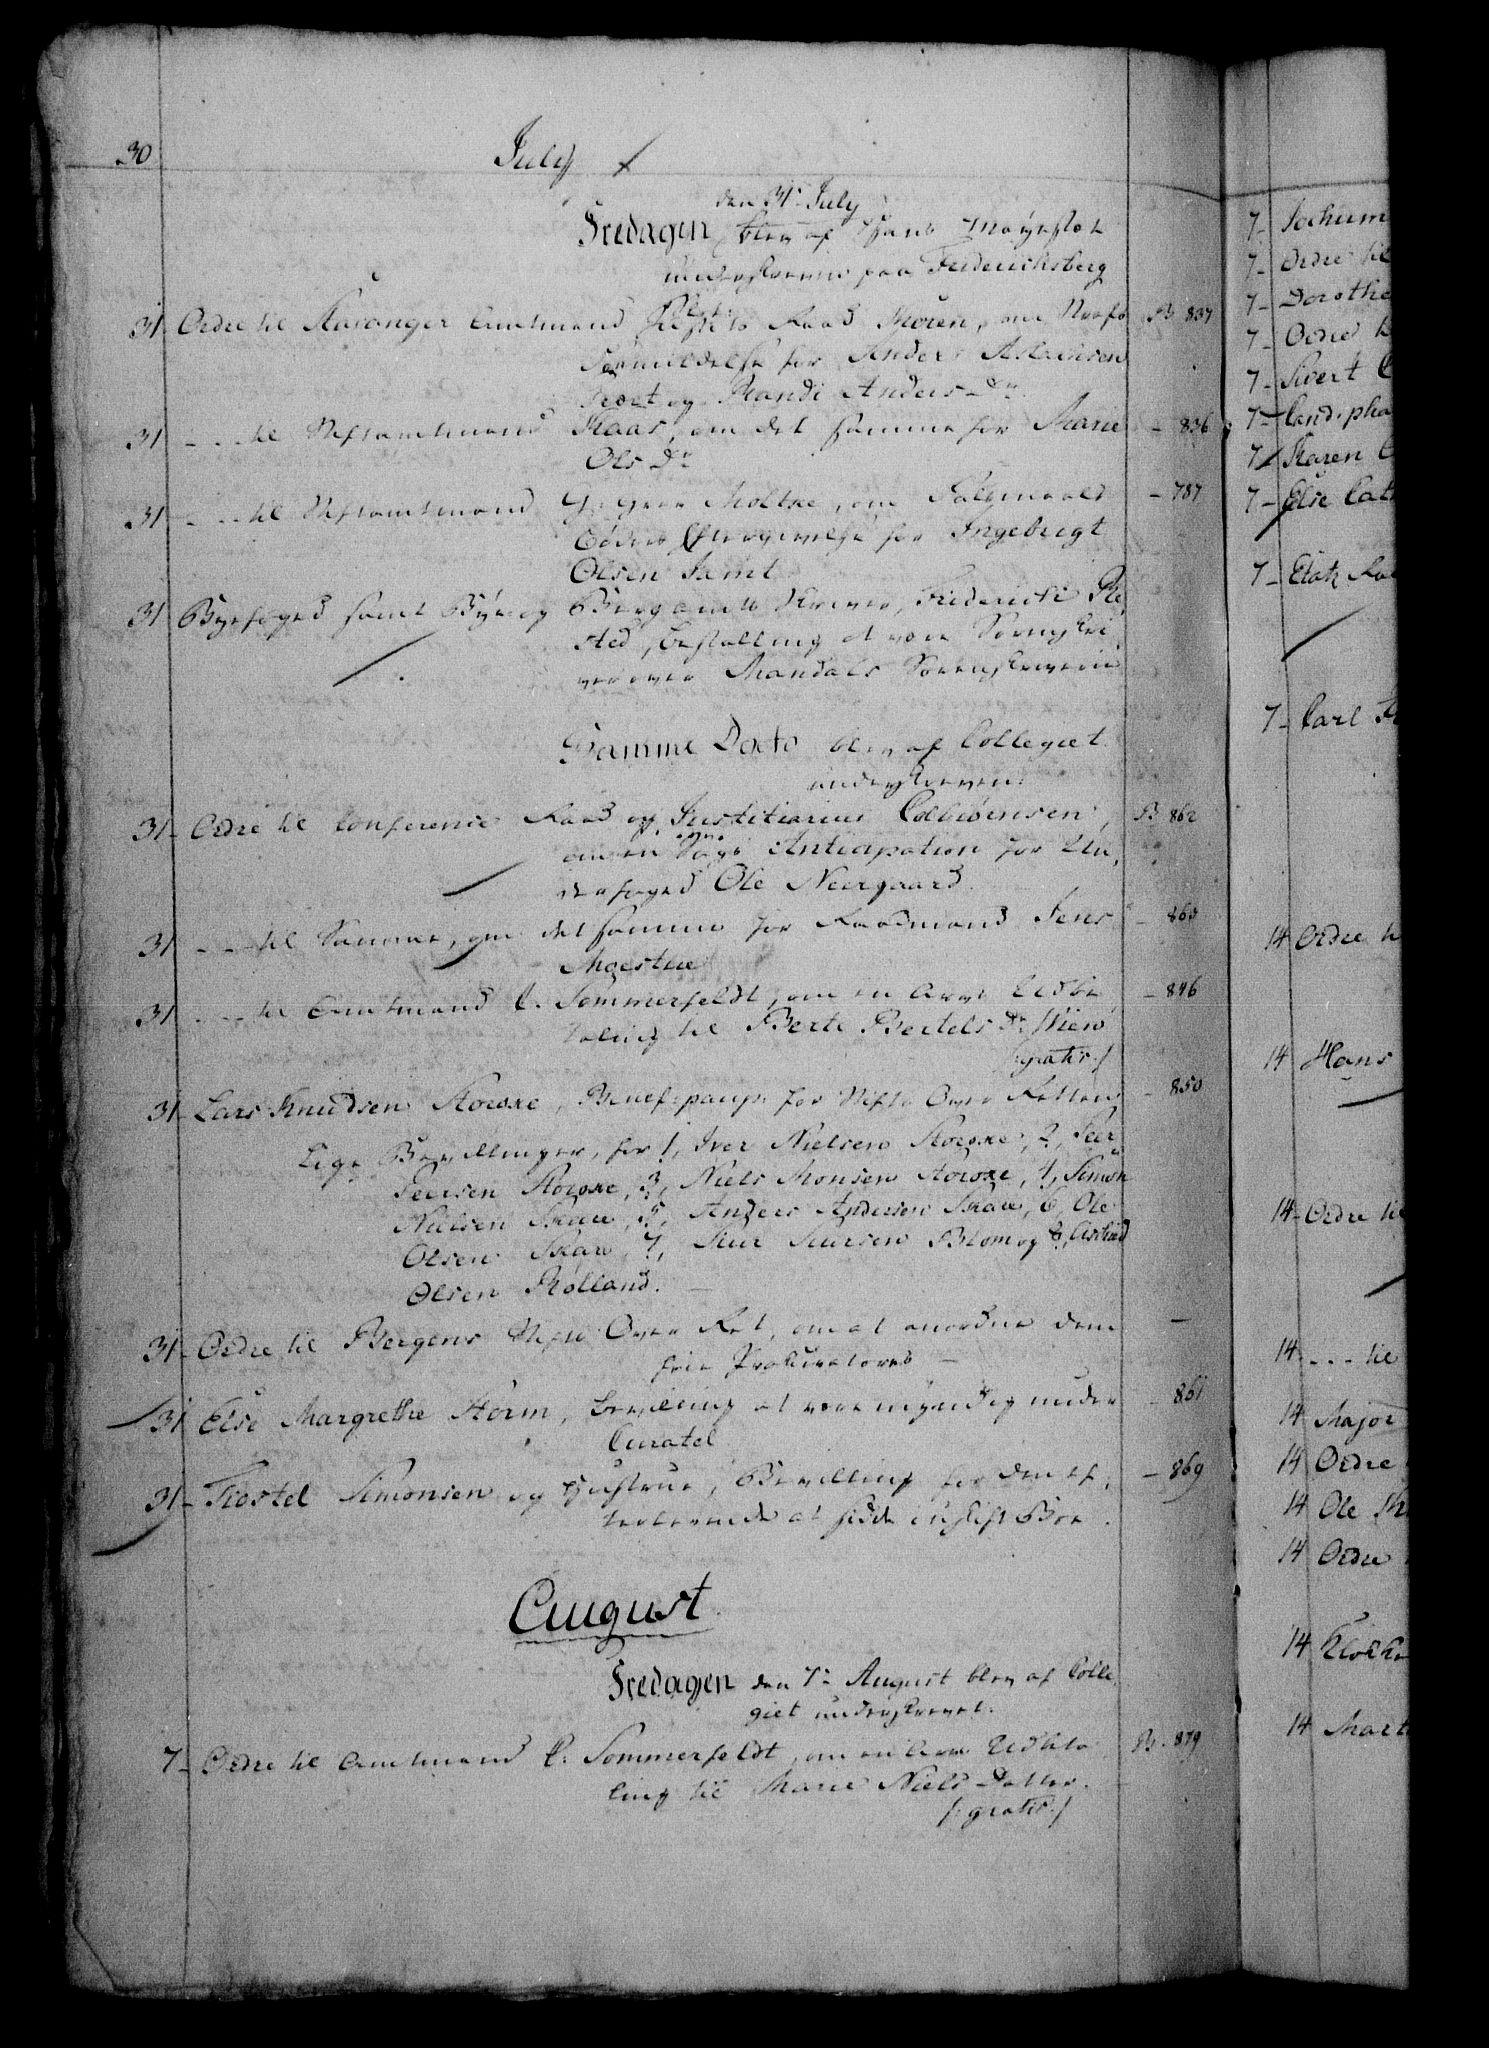 RA, Danske Kanselli 1800-1814, H/Hf/Hfb/Hfbc/L0002: Underskrivelsesbok m. register, 1801, s. 30